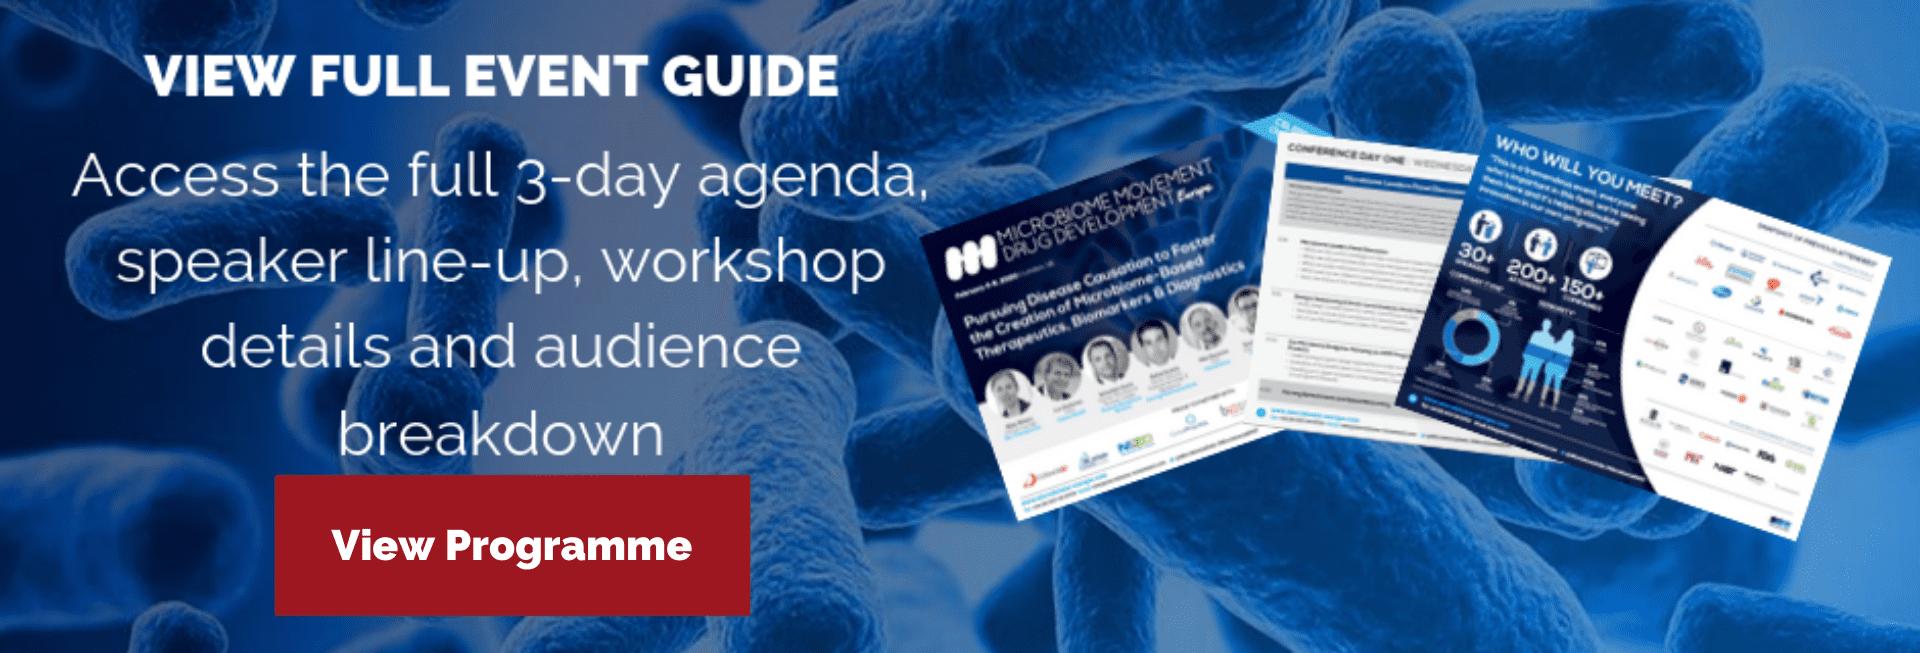 Microbiome Drug Dev Event Guide Banner EU (2)